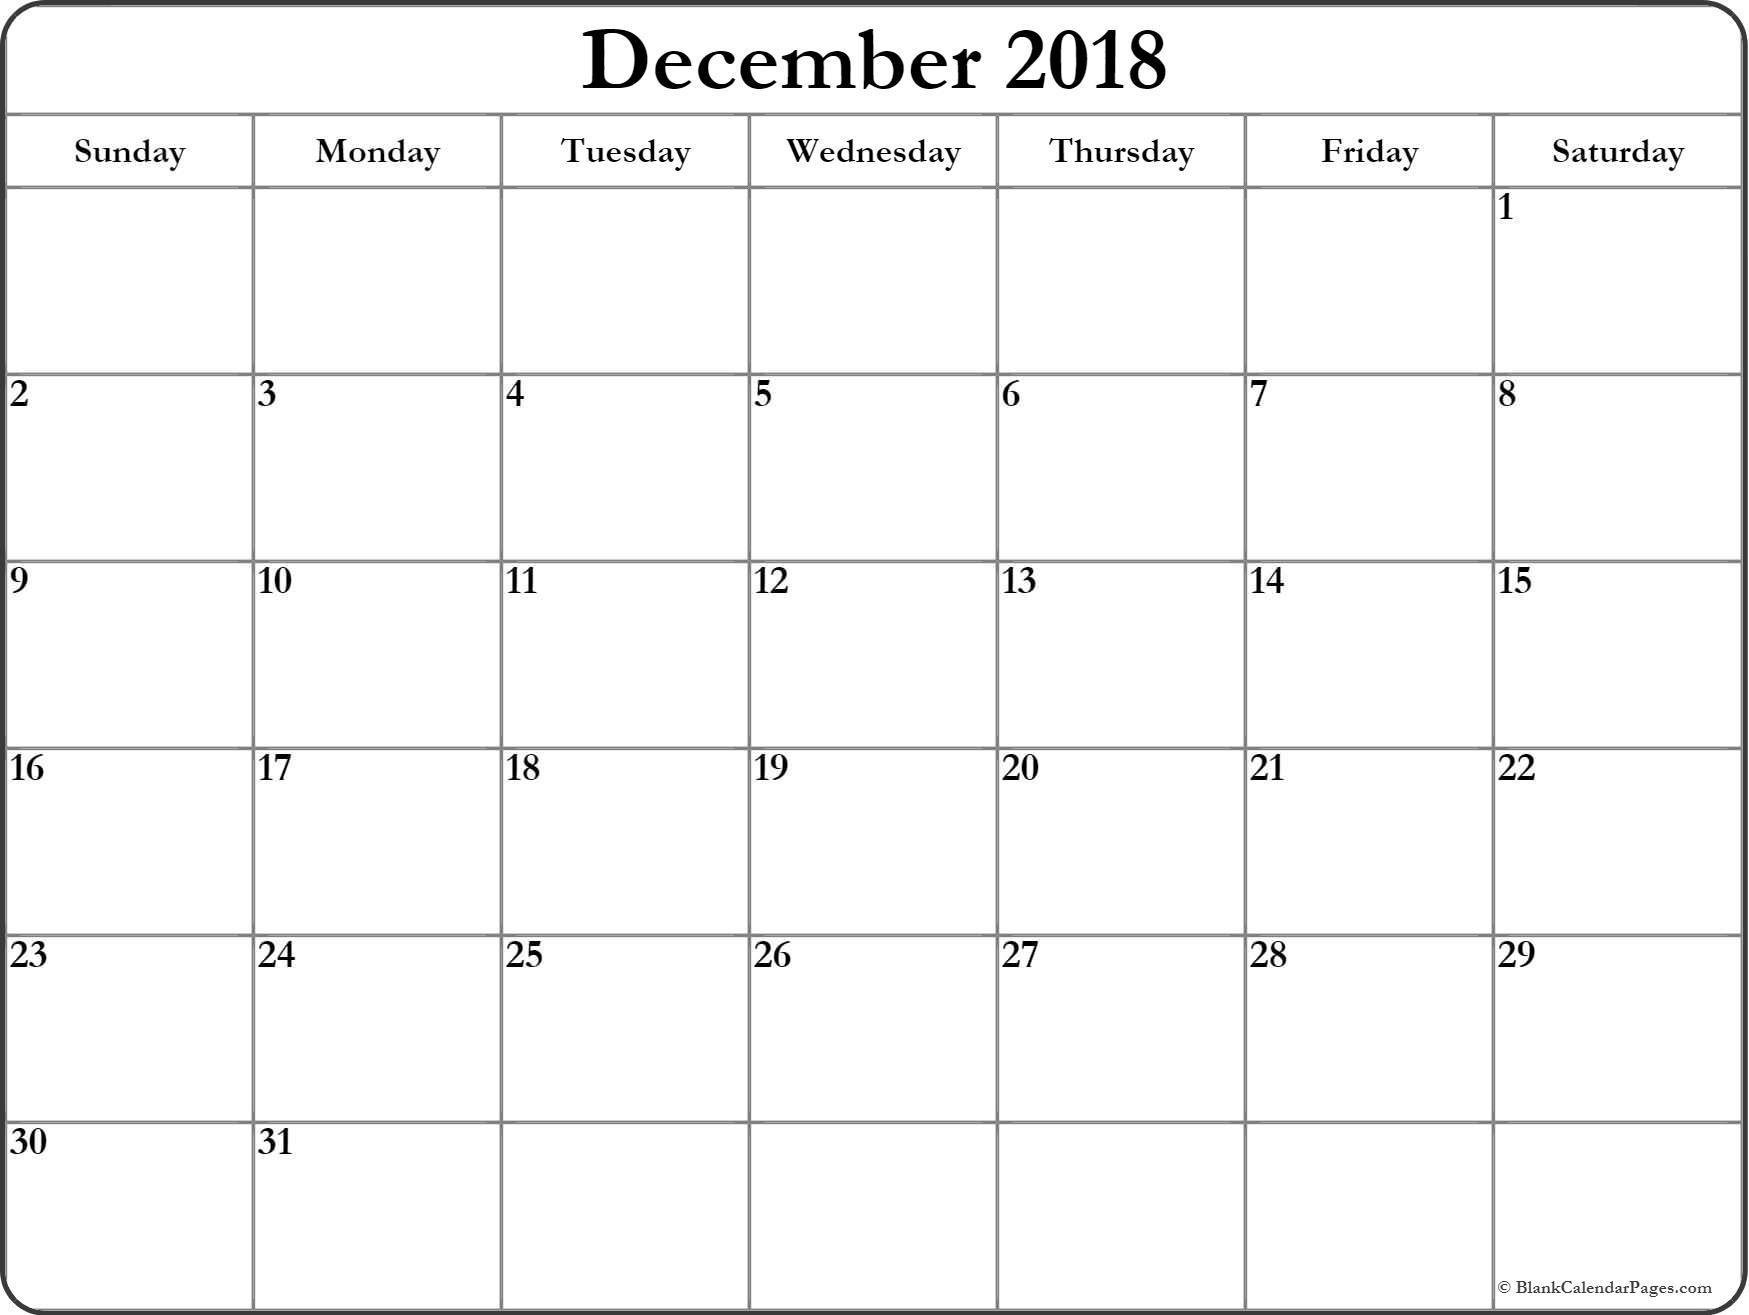 Best} Free* Blank December 2018 Calendar Templates Printable With Notes in Blank Calendar Template December